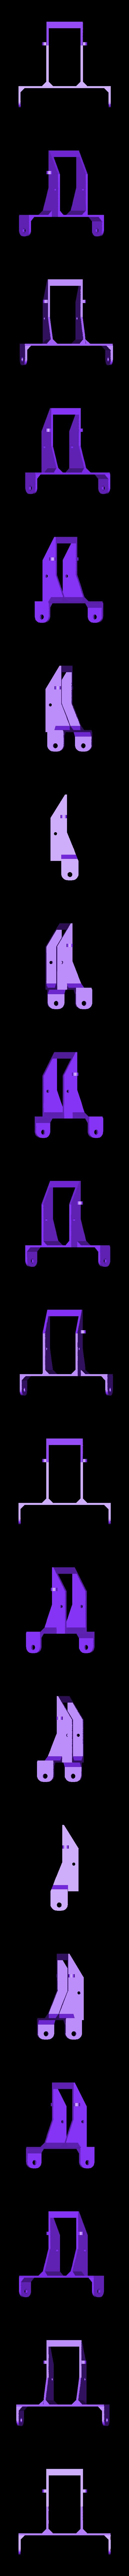 TinyWhoop_cam_mount_MK2.stl Télécharger fichier STL gratuit Support de caméra Tiny Whoop - MK2 (style E010) • Design imprimable en 3D, Gophy